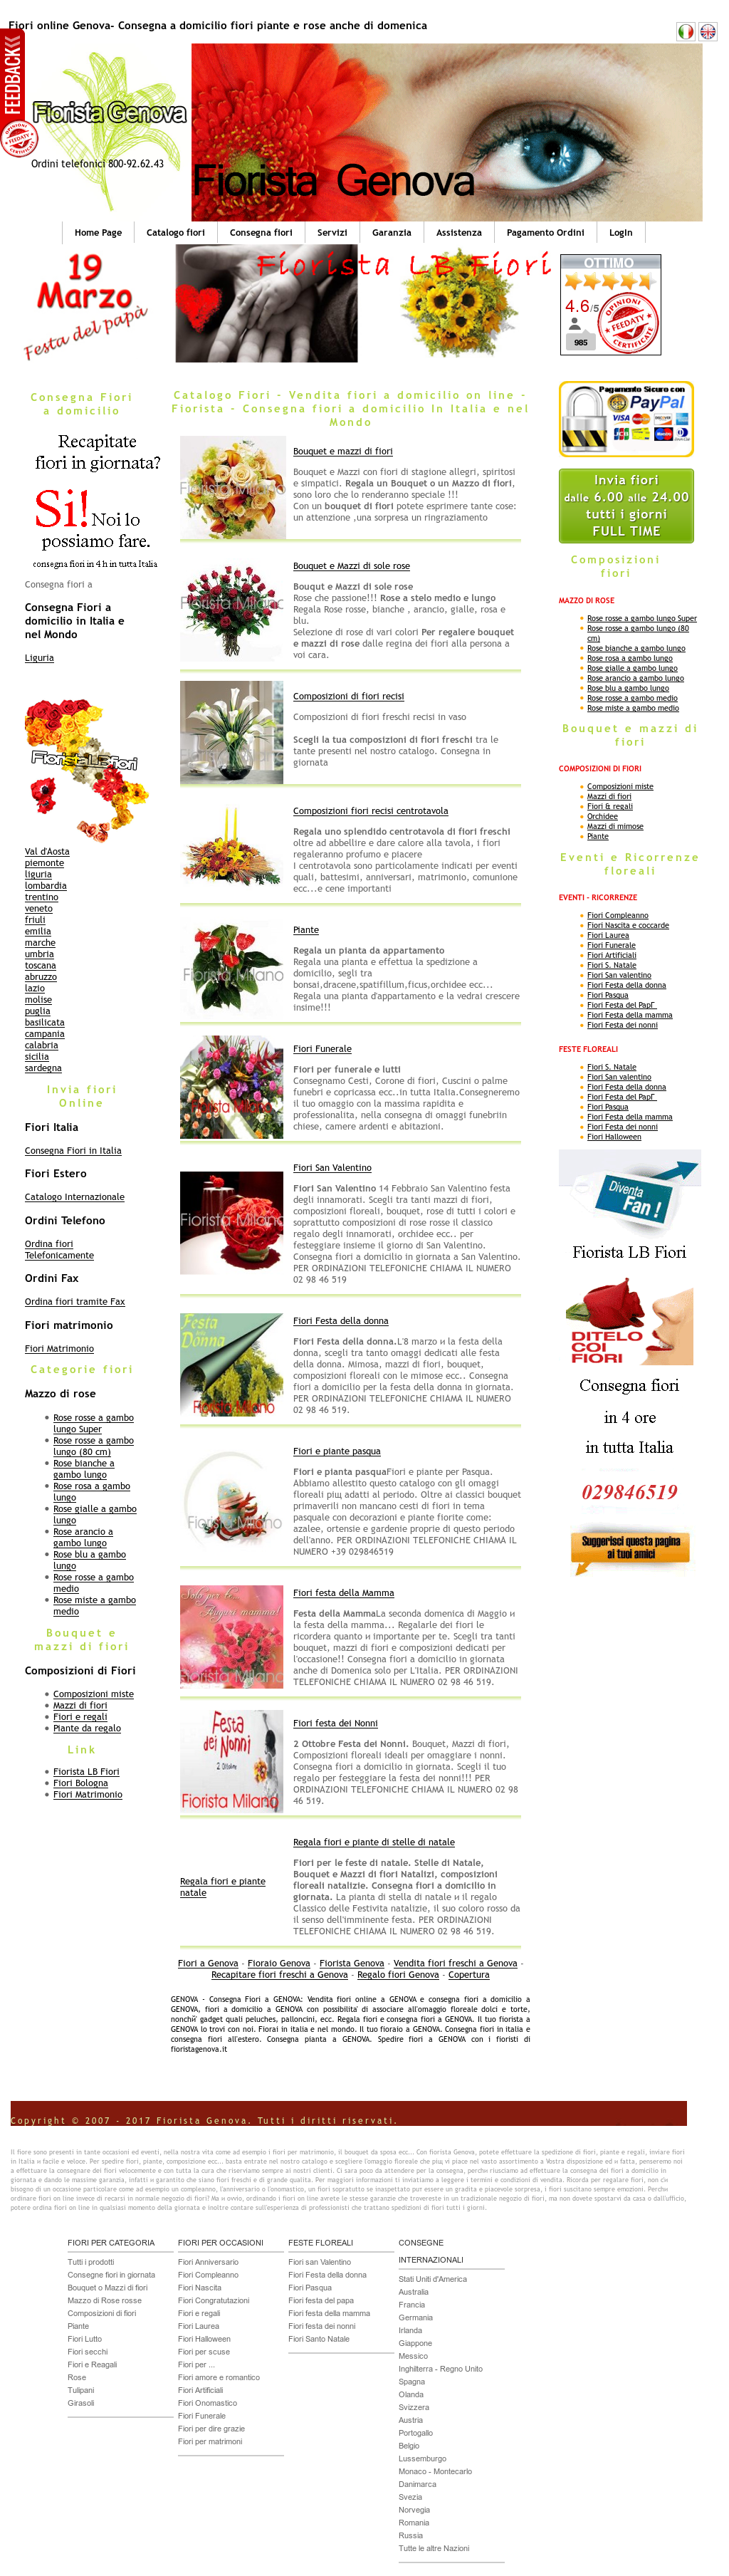 Spedizione Fiori Online.Fiorista Lb Fiori Consegna Fiori Online Competitors Revenue And